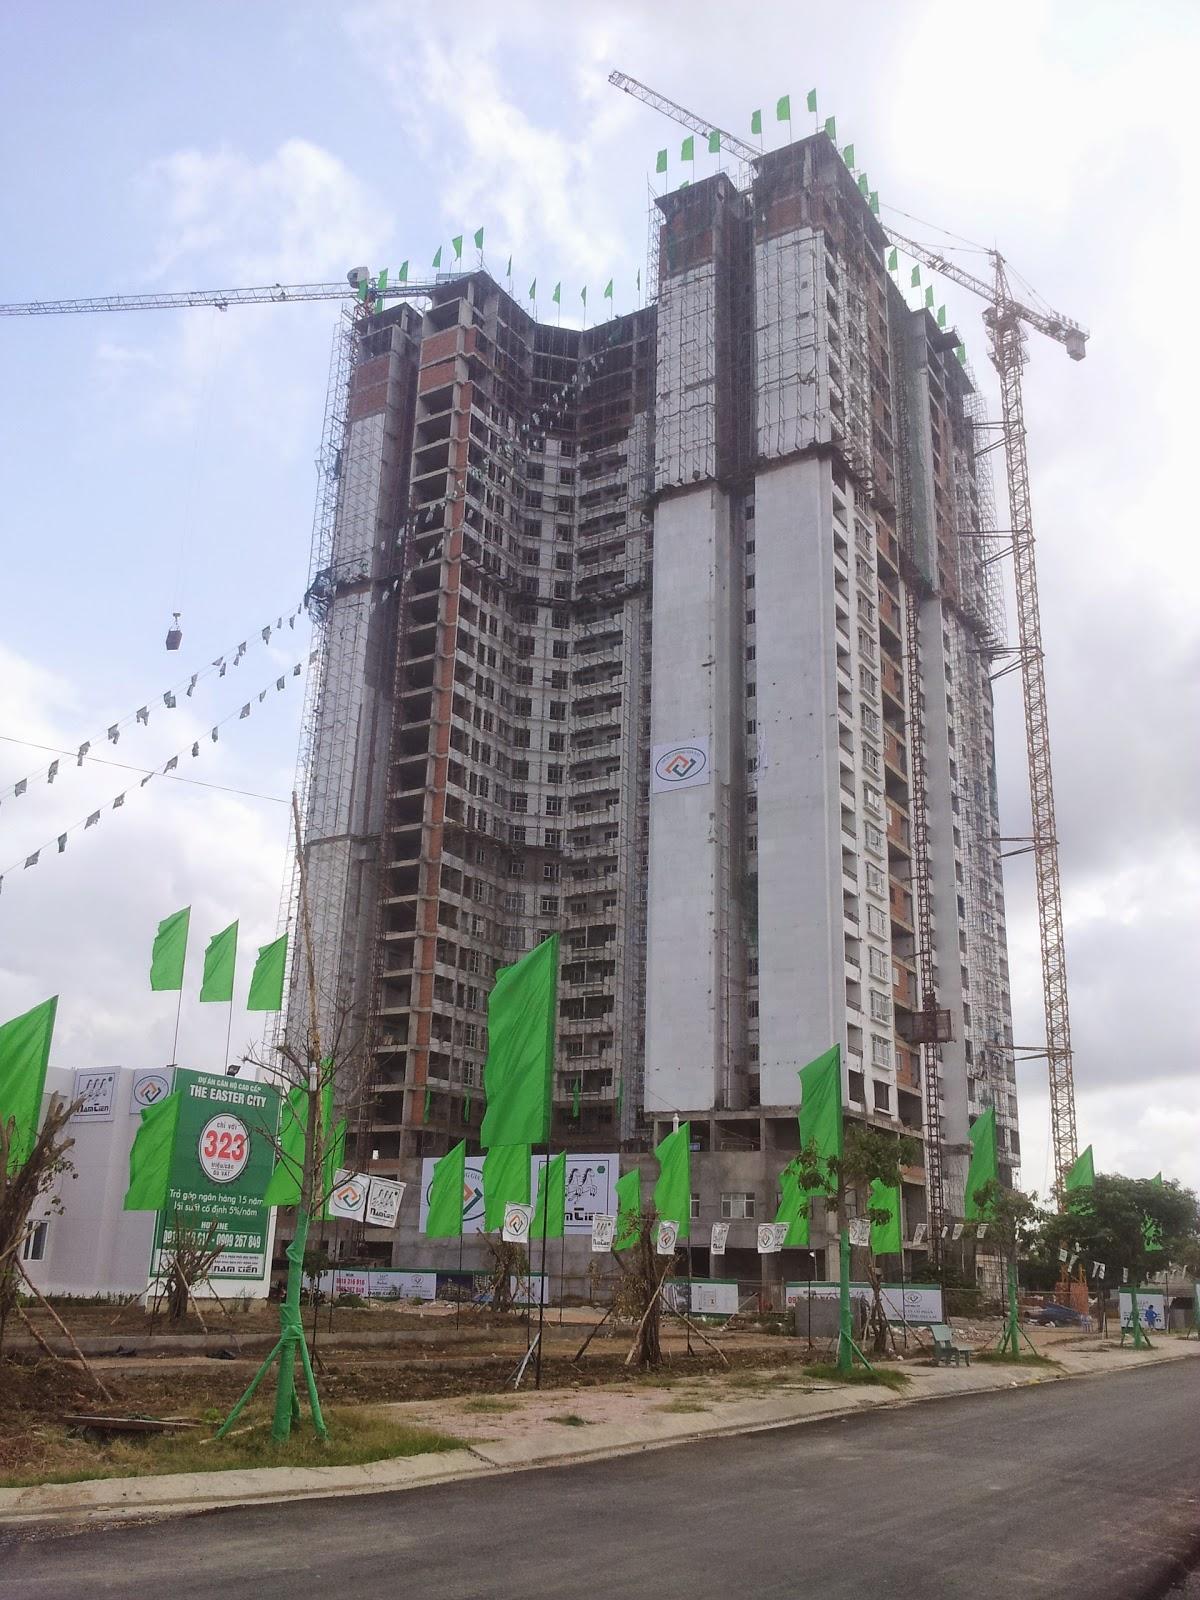 Tiến độ xây dựng dự án căn hộ The Easter City đường Phạm Hùng